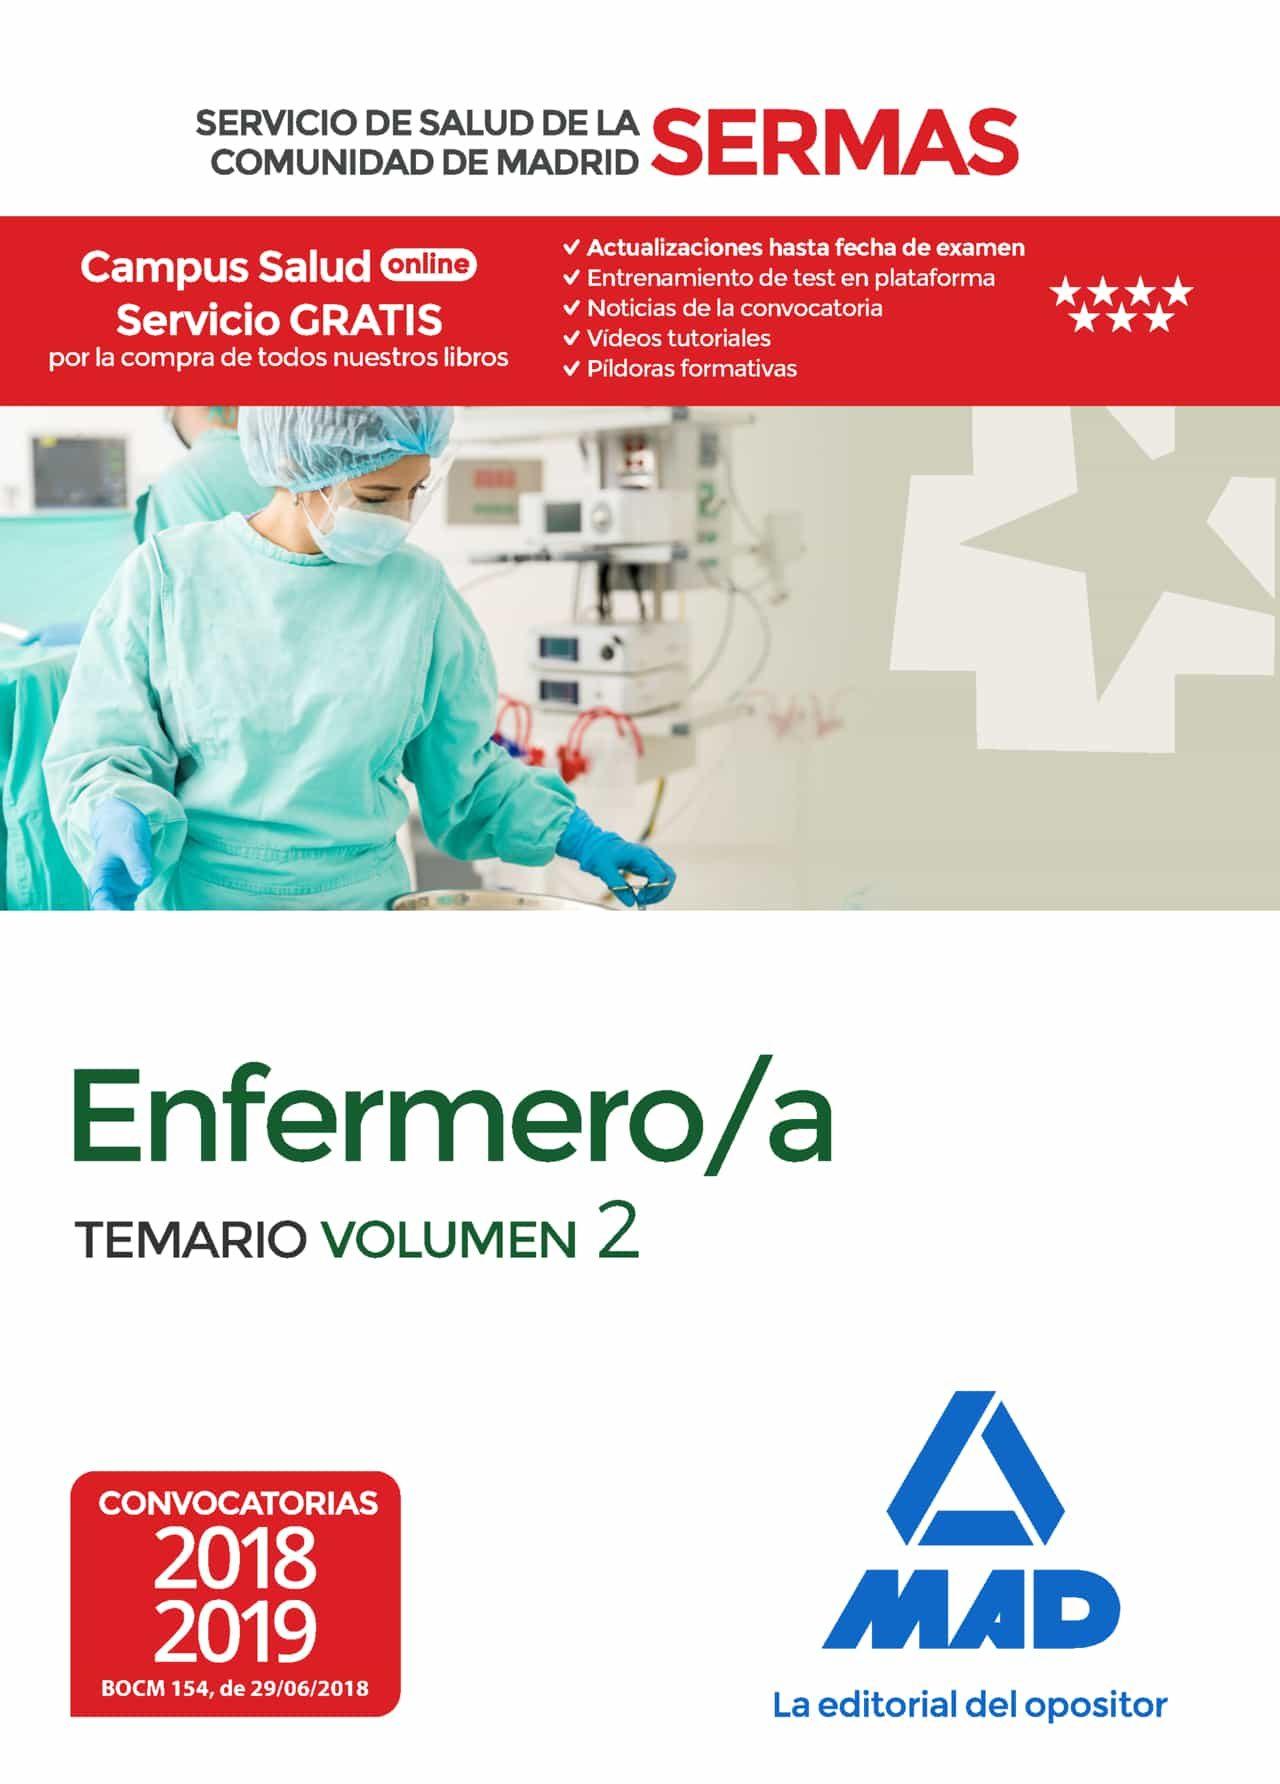 Enfermero/a Del Servicio De Salud De La Comunidad De Madrid. Tema Rio Volumen 2 (sermas) por Vv.aa.